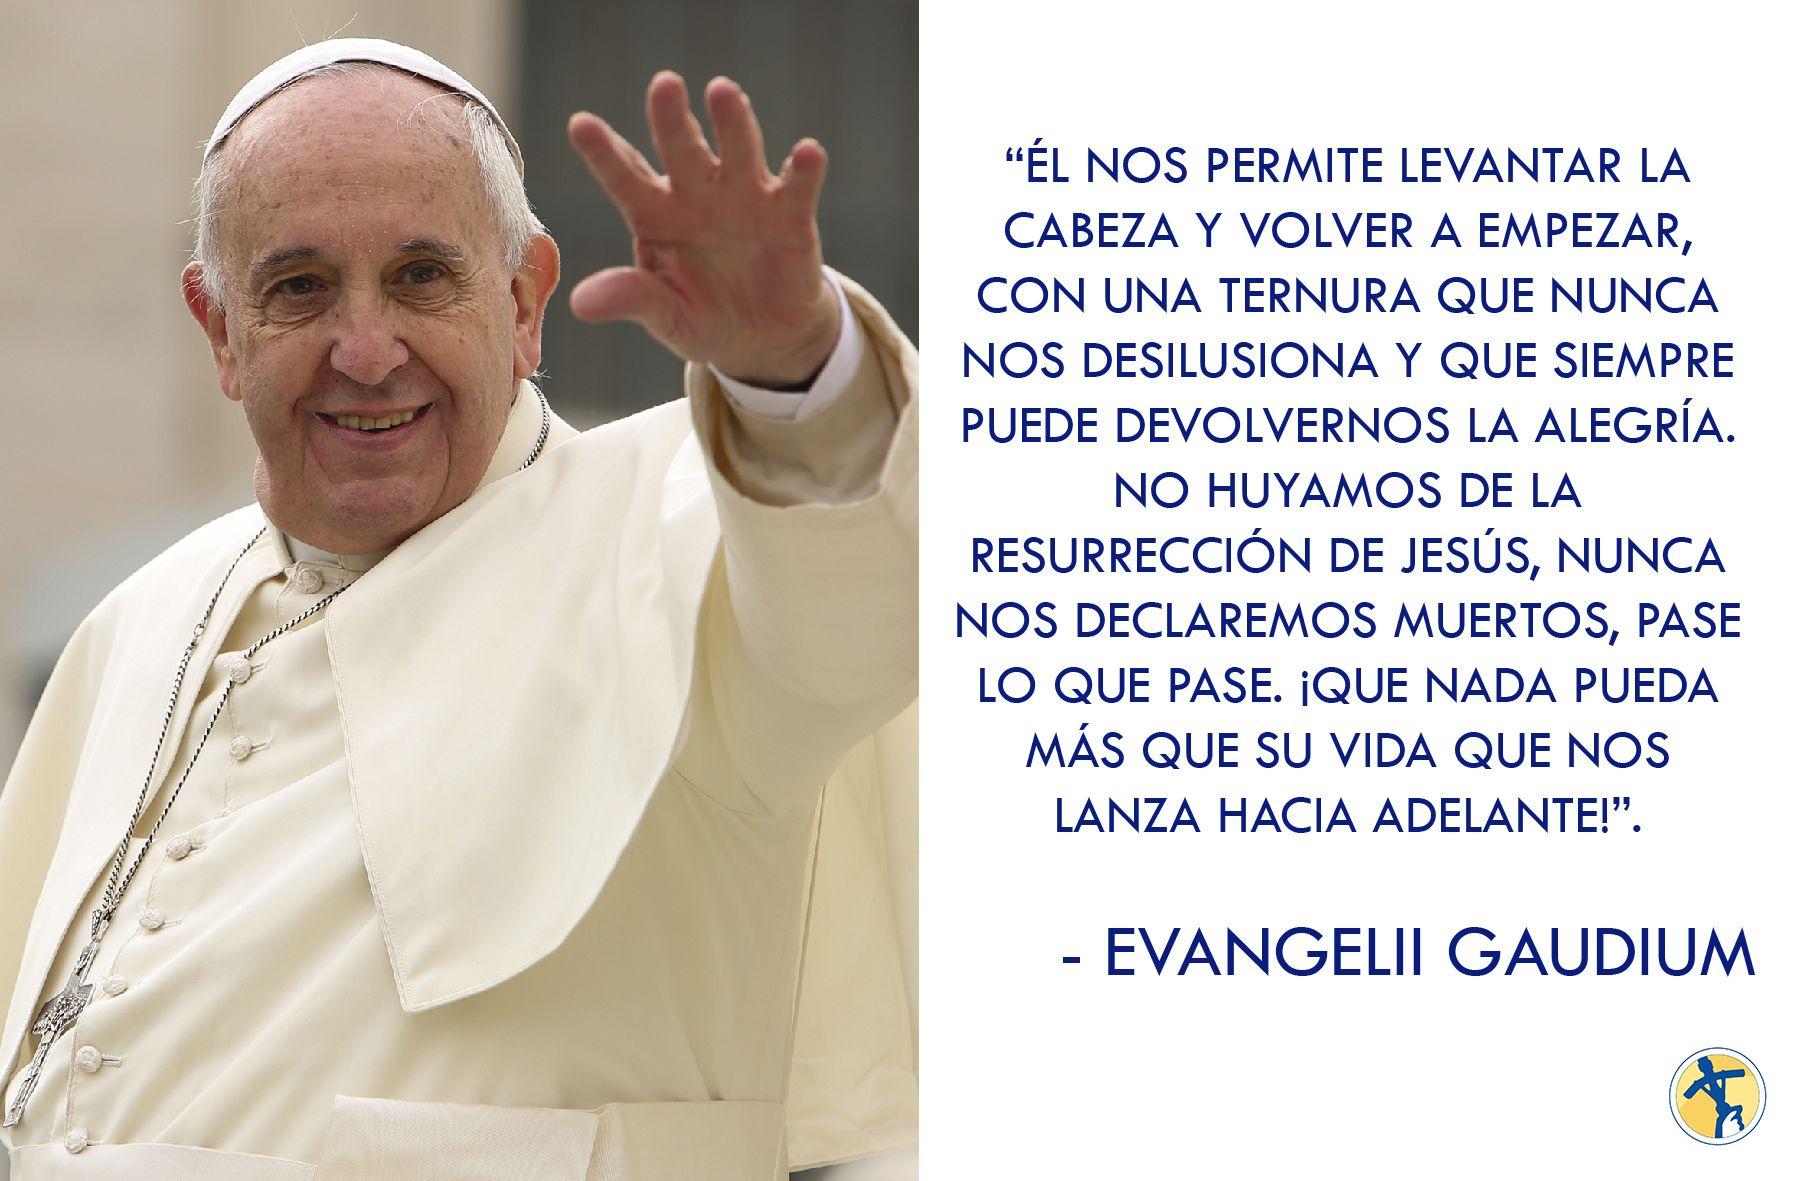 Cita De La Exhortación Apostólica Evangeliigaudium Del Papafrancisco Catolico Iglesia Fe Católica Papa Francisco Catolico